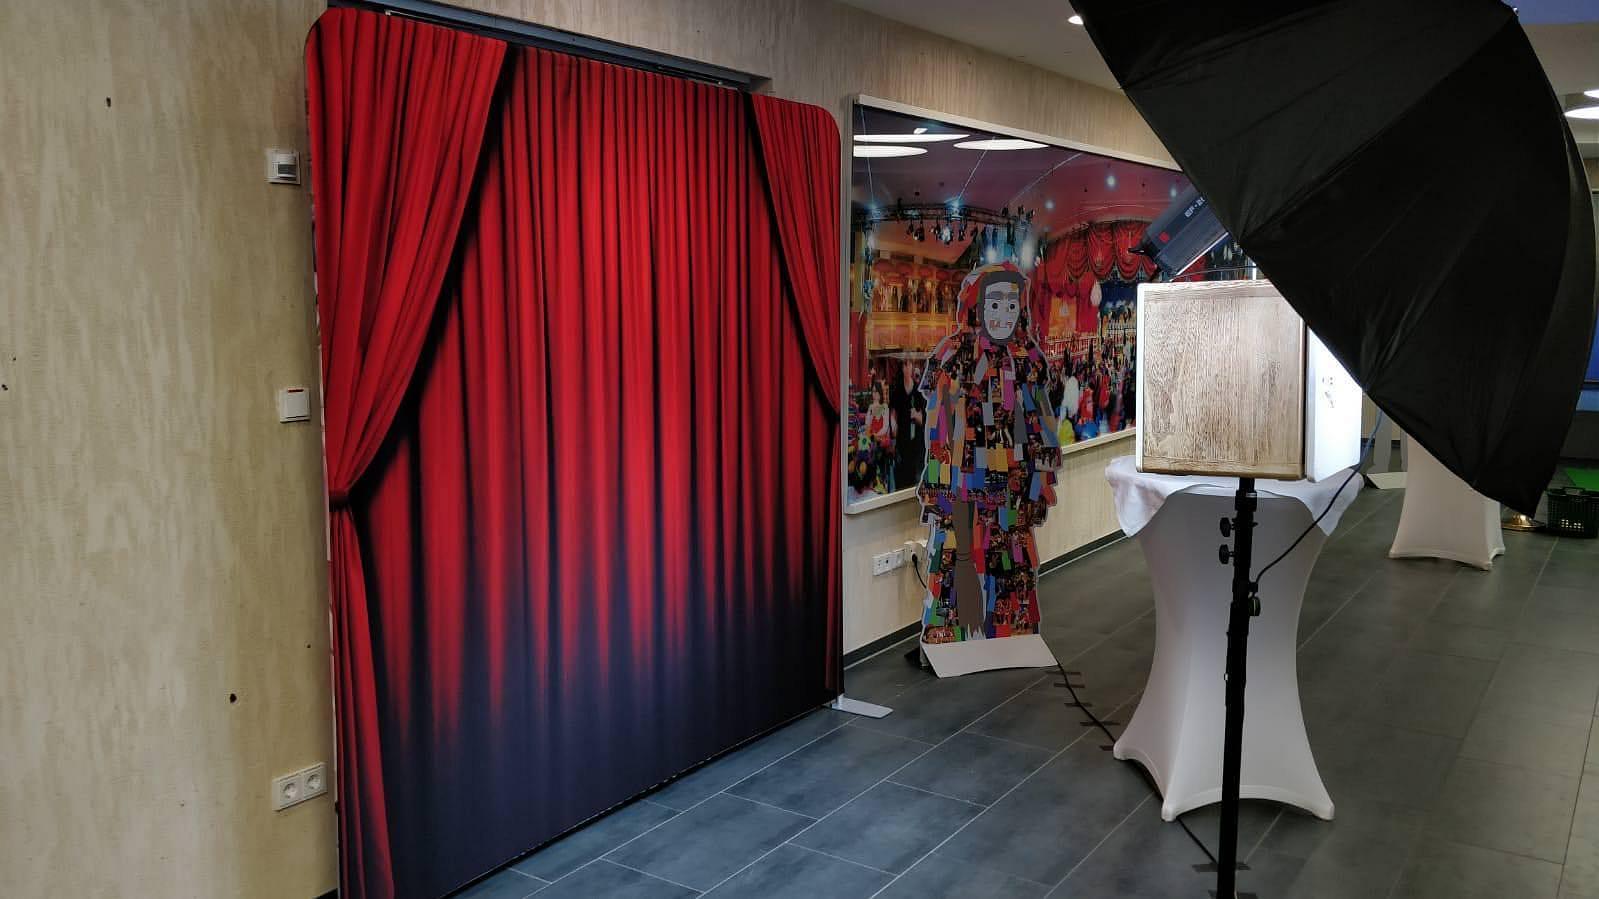 fotobox_Fotobox_roter_Theatervorhang